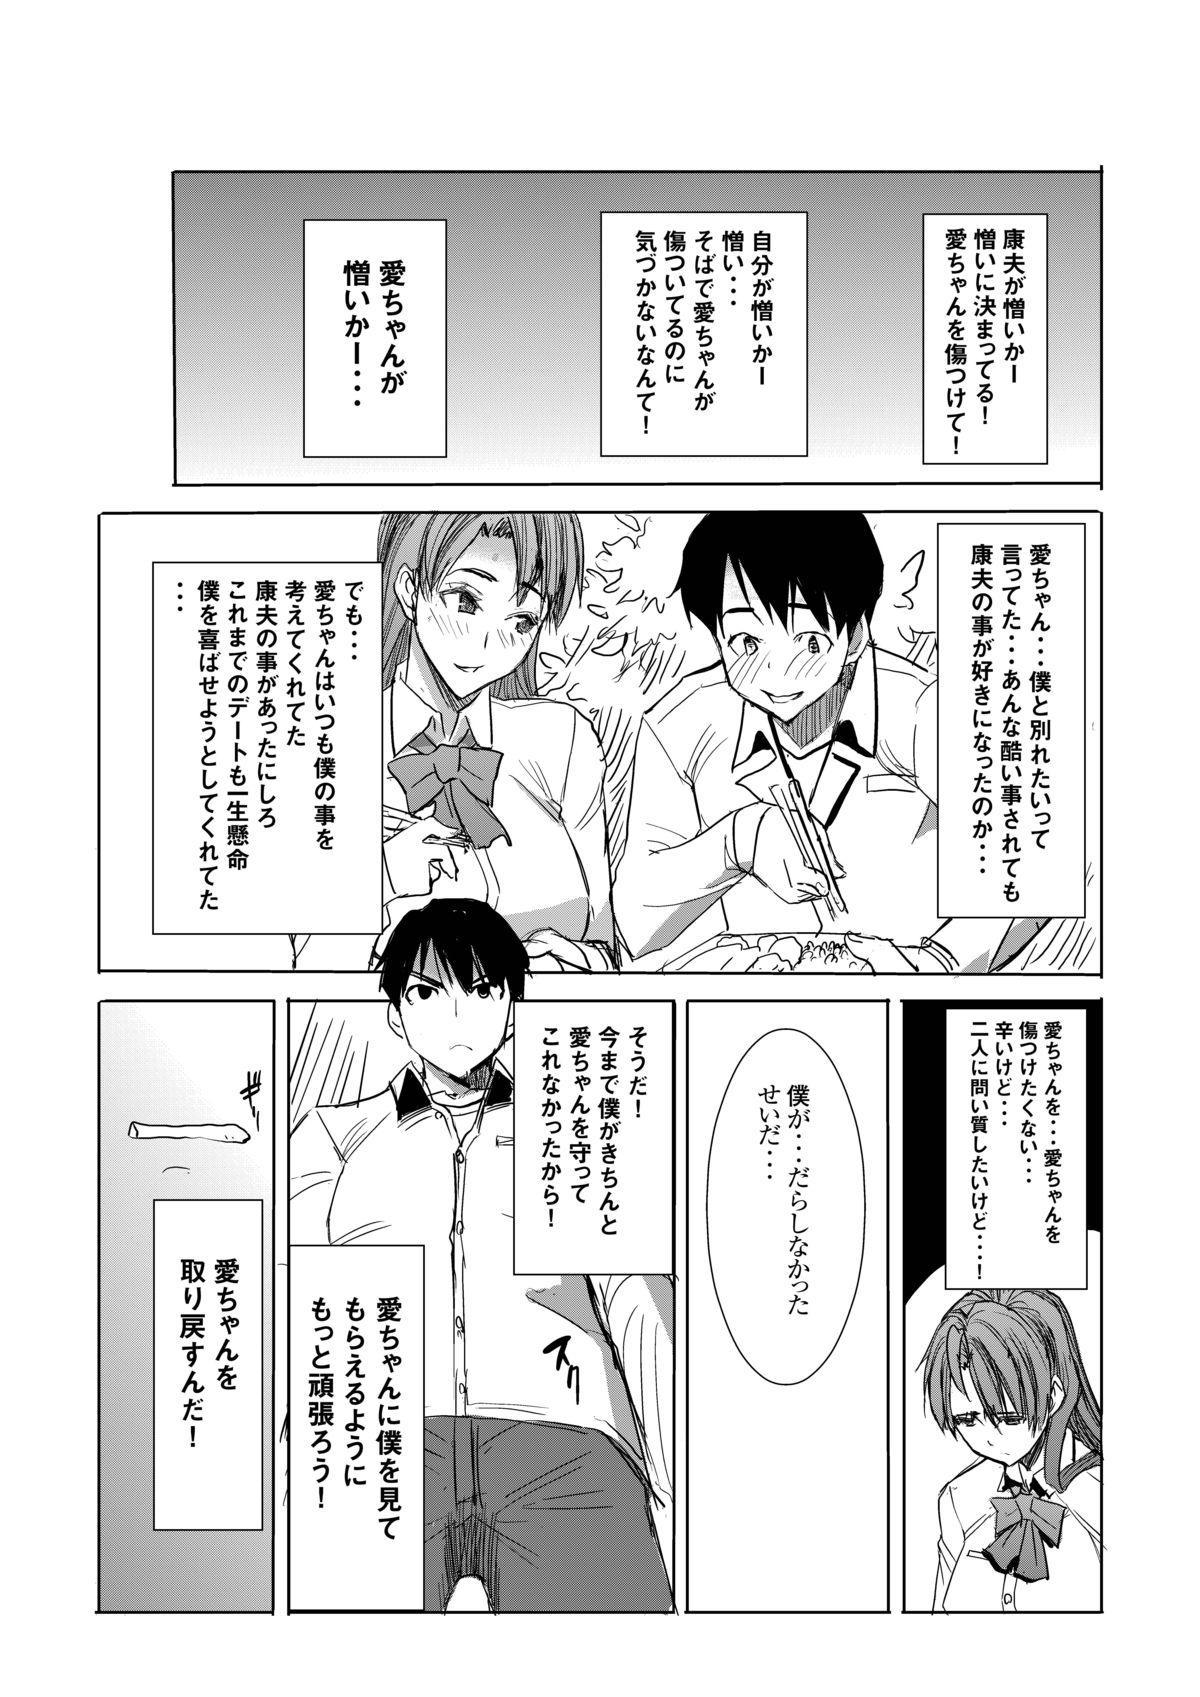 Unsweet Inoue Ai Watashi wa Dare wo Aishiteru no... Daisuki na Koibito... Soretomo Aitsu... act 1 31